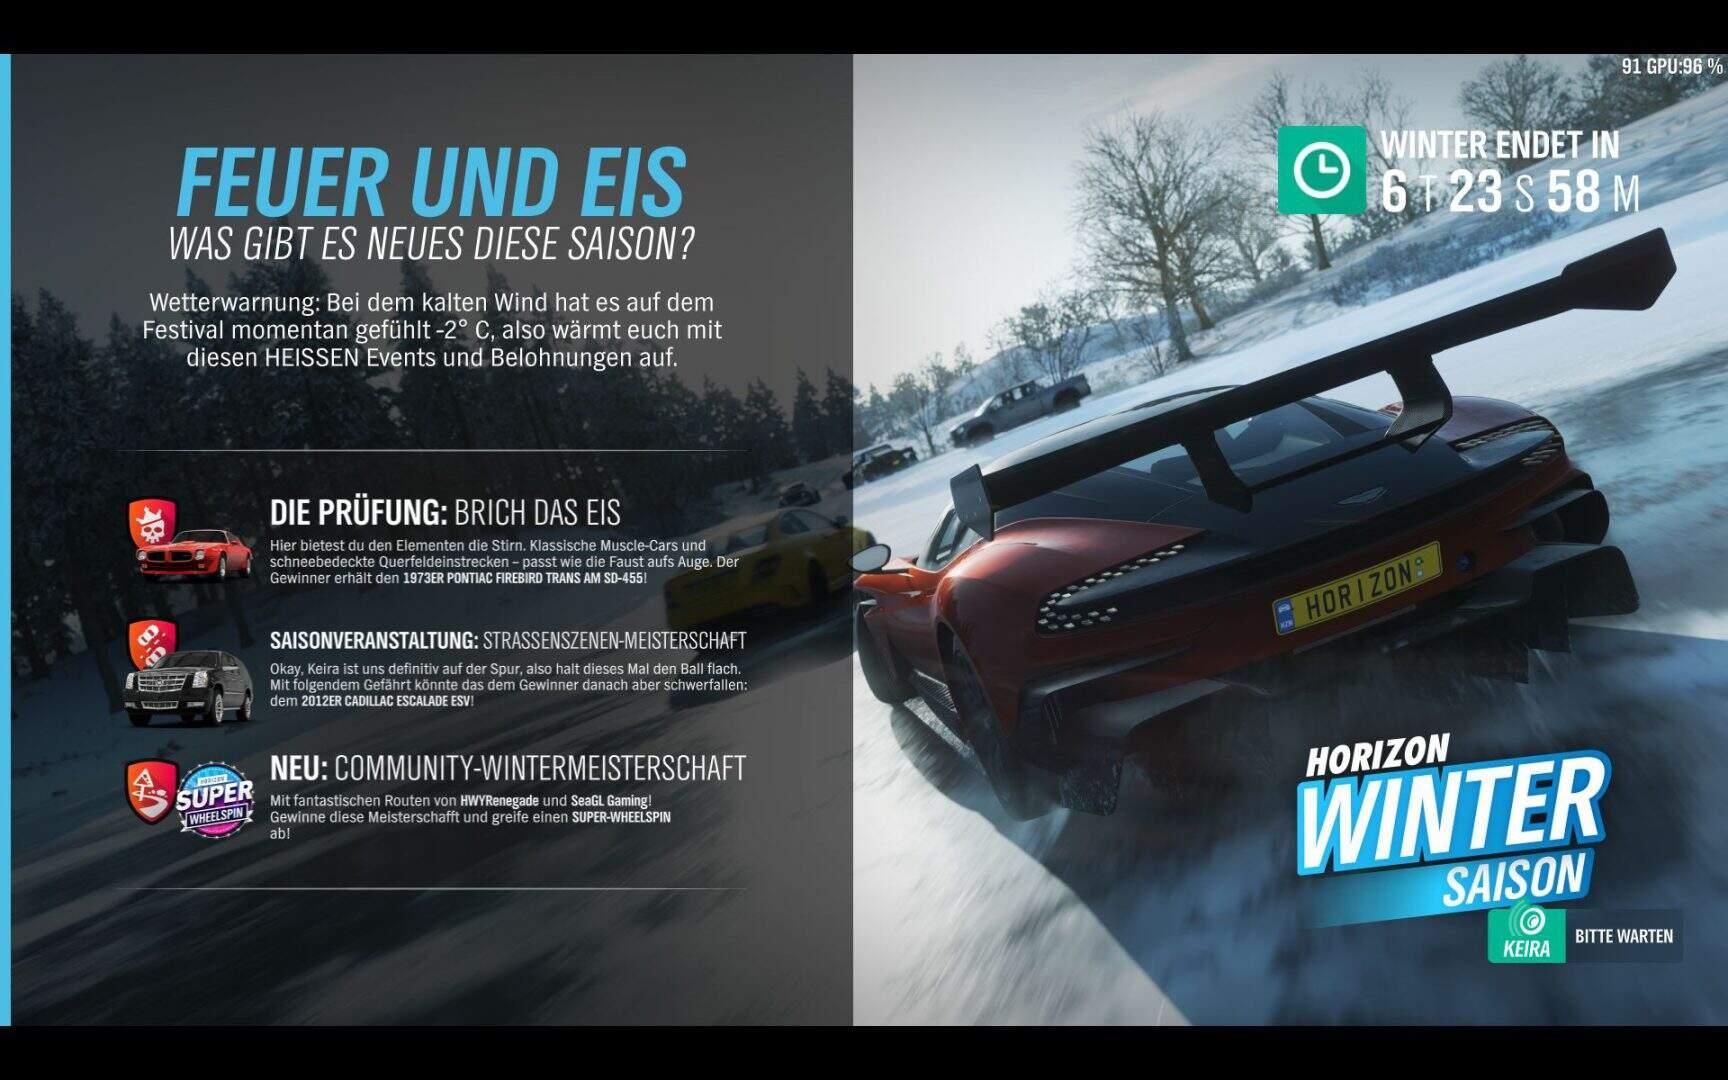 Forza Horizon 4 Aktivitäten Winter KW 09 / 2019